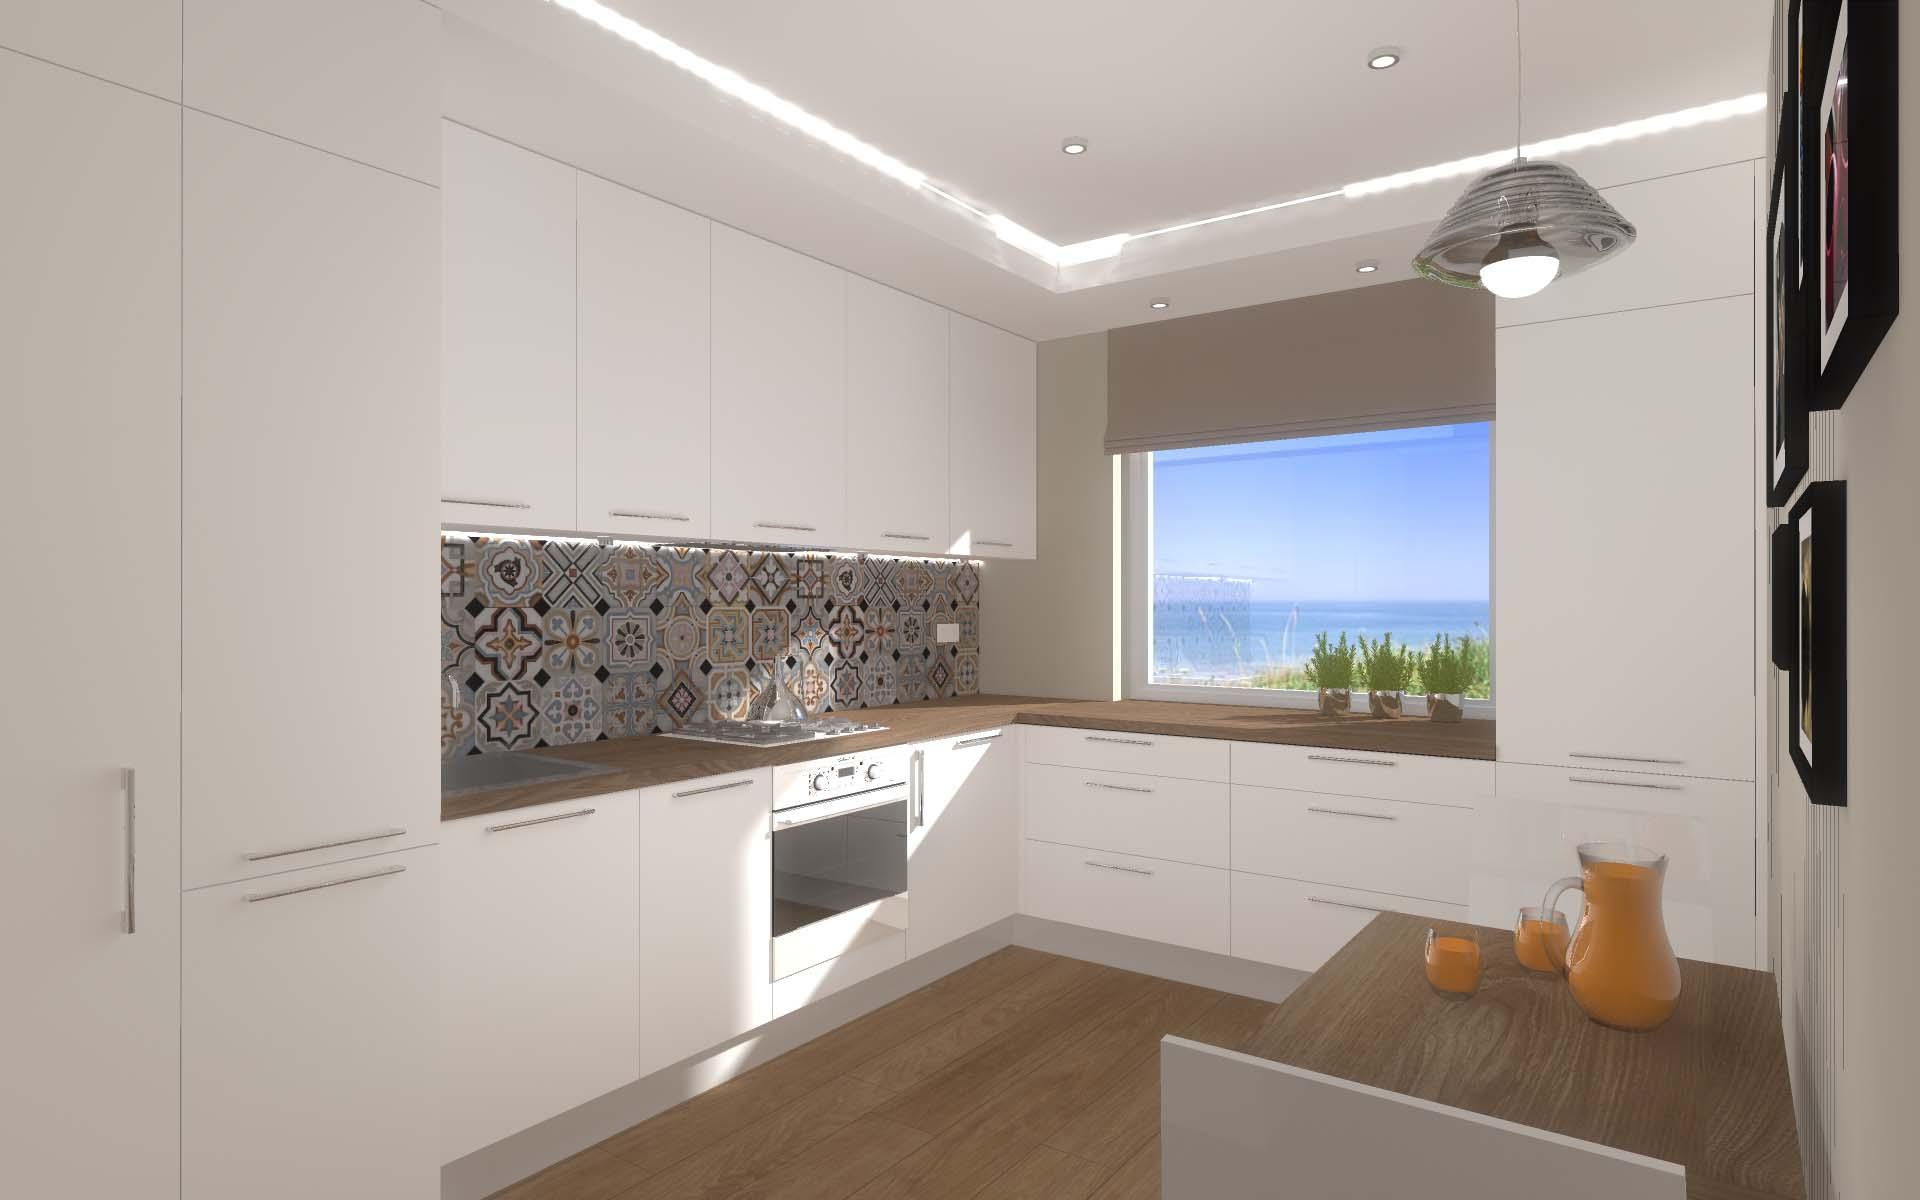 Projekt wnętrza kuchni w Bydgoszcz  Mobiliani Design -> Kuchnia W Bloku Zdjecia